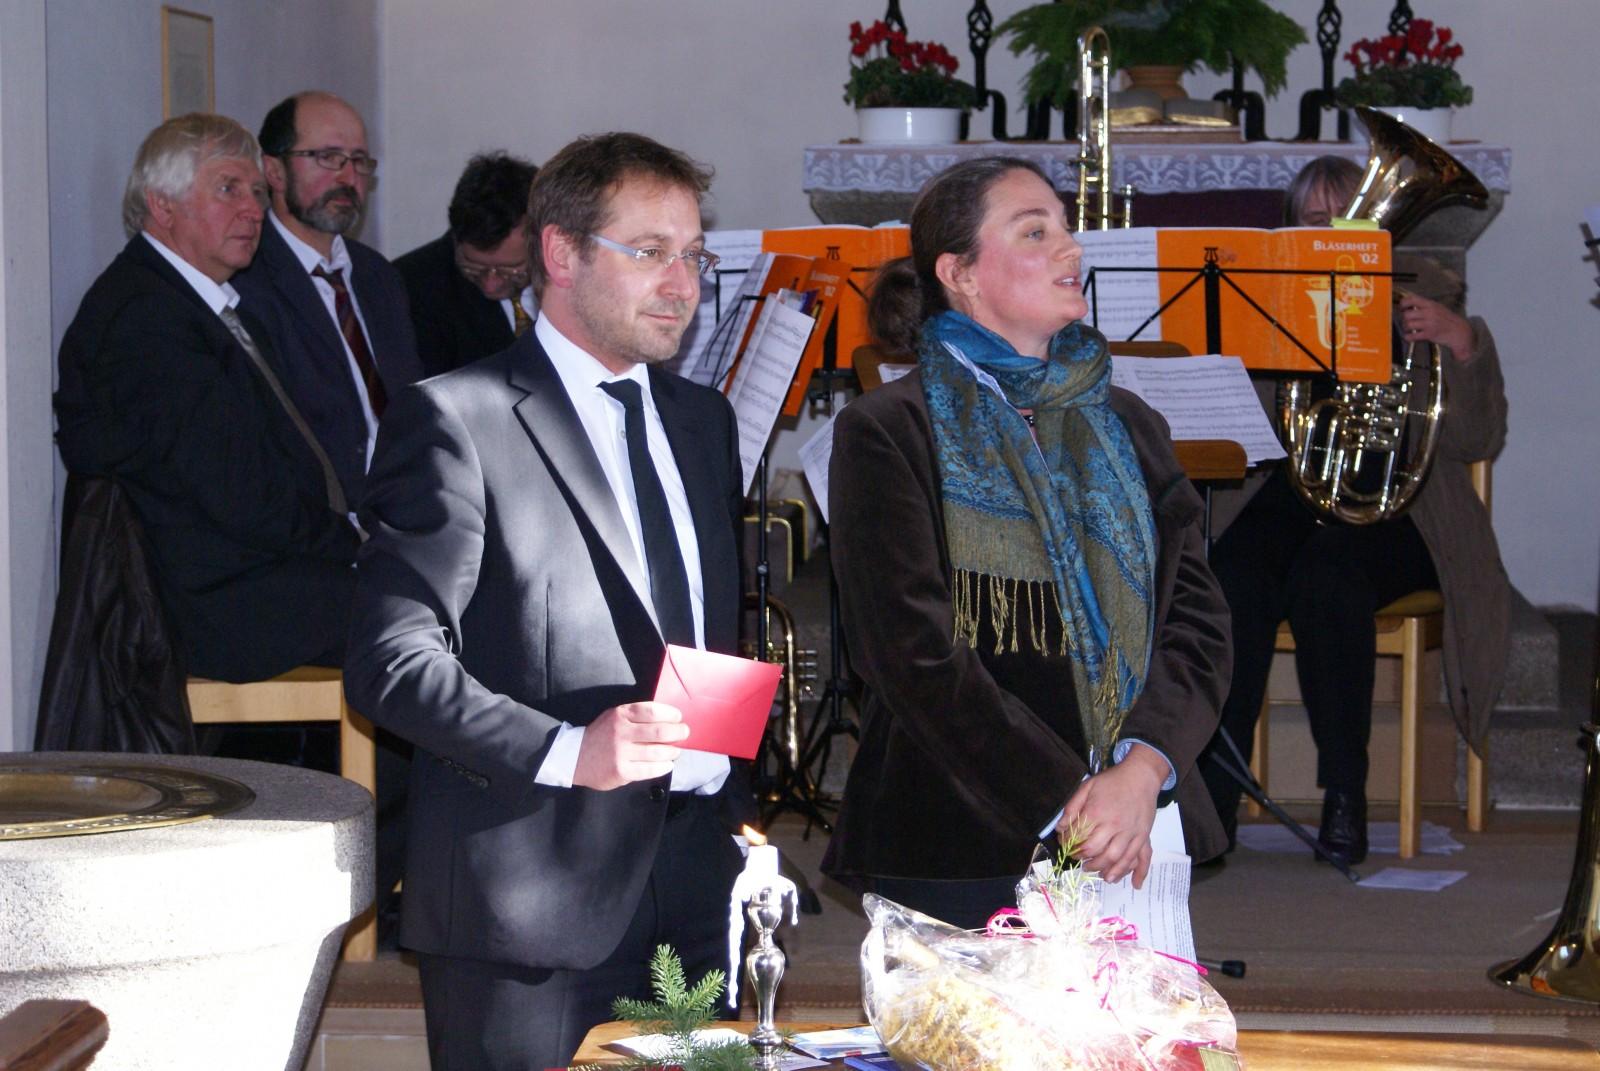 2011: Matinee